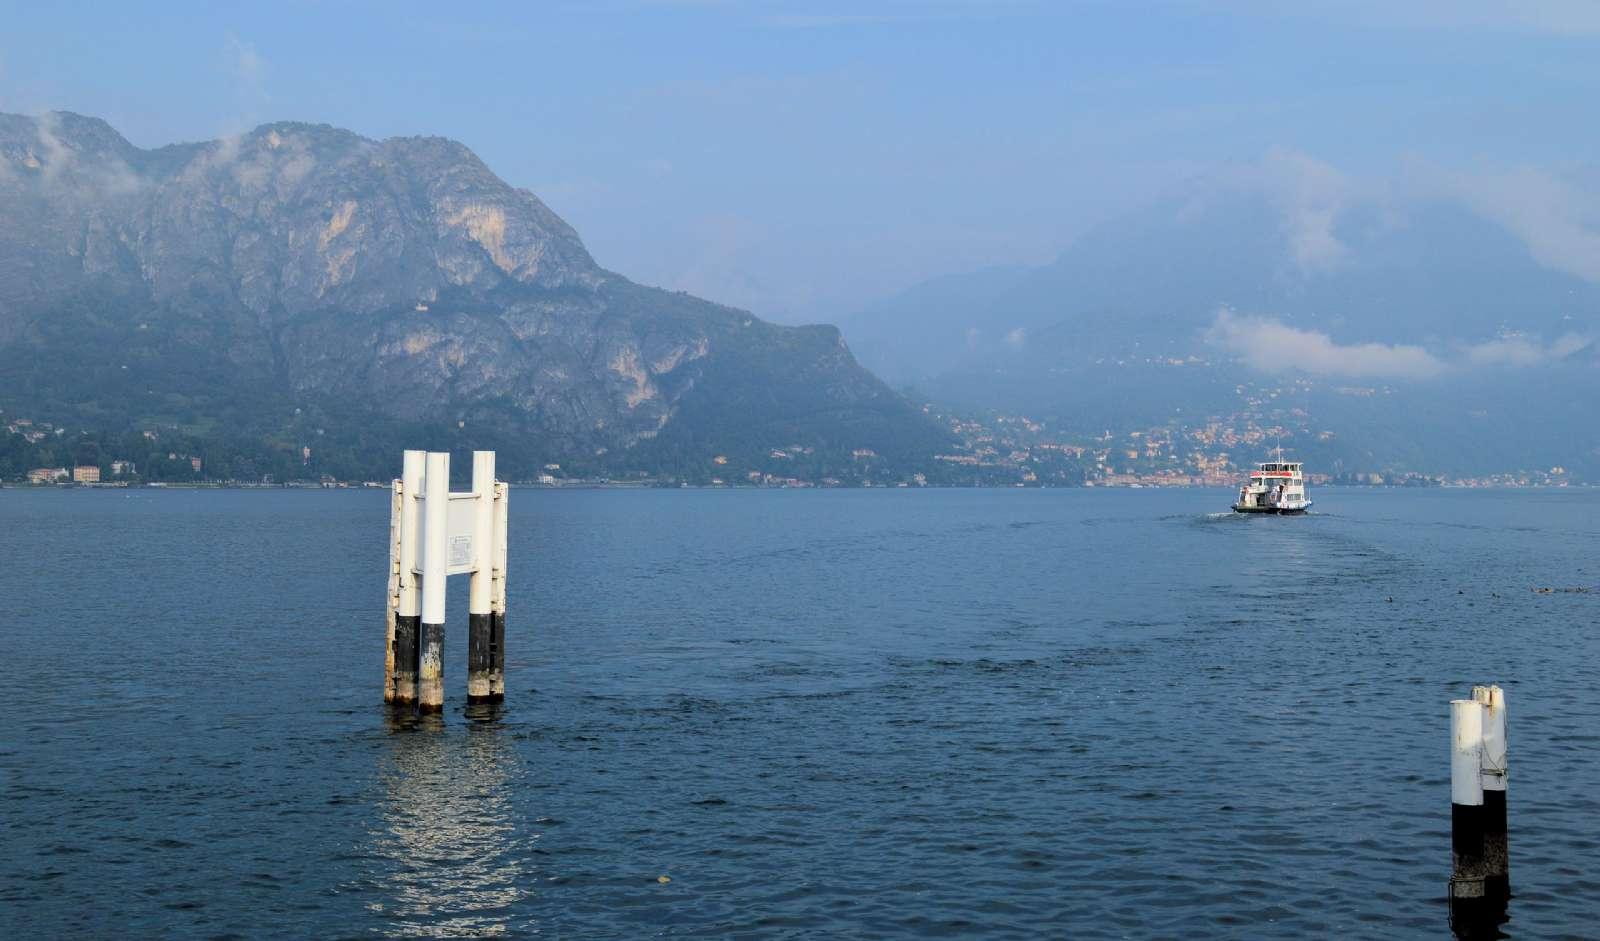 Færgerne på Comosøen sejler hyppigt